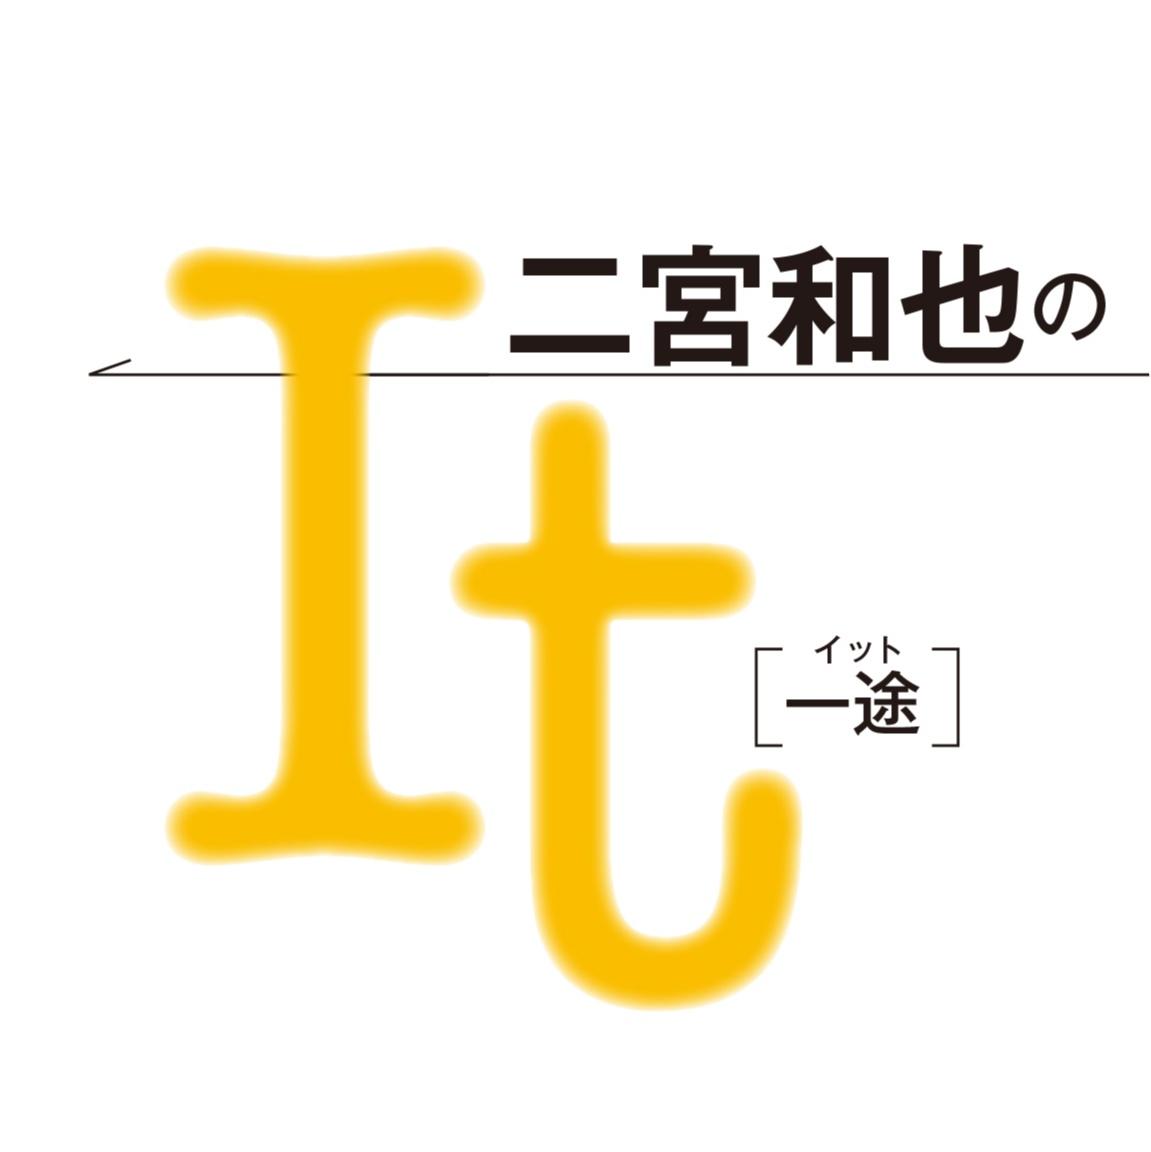 「二宮和也のIt [一途]」連載100回記念アンケート実施中! あなたはどのニノが好きですか?_1